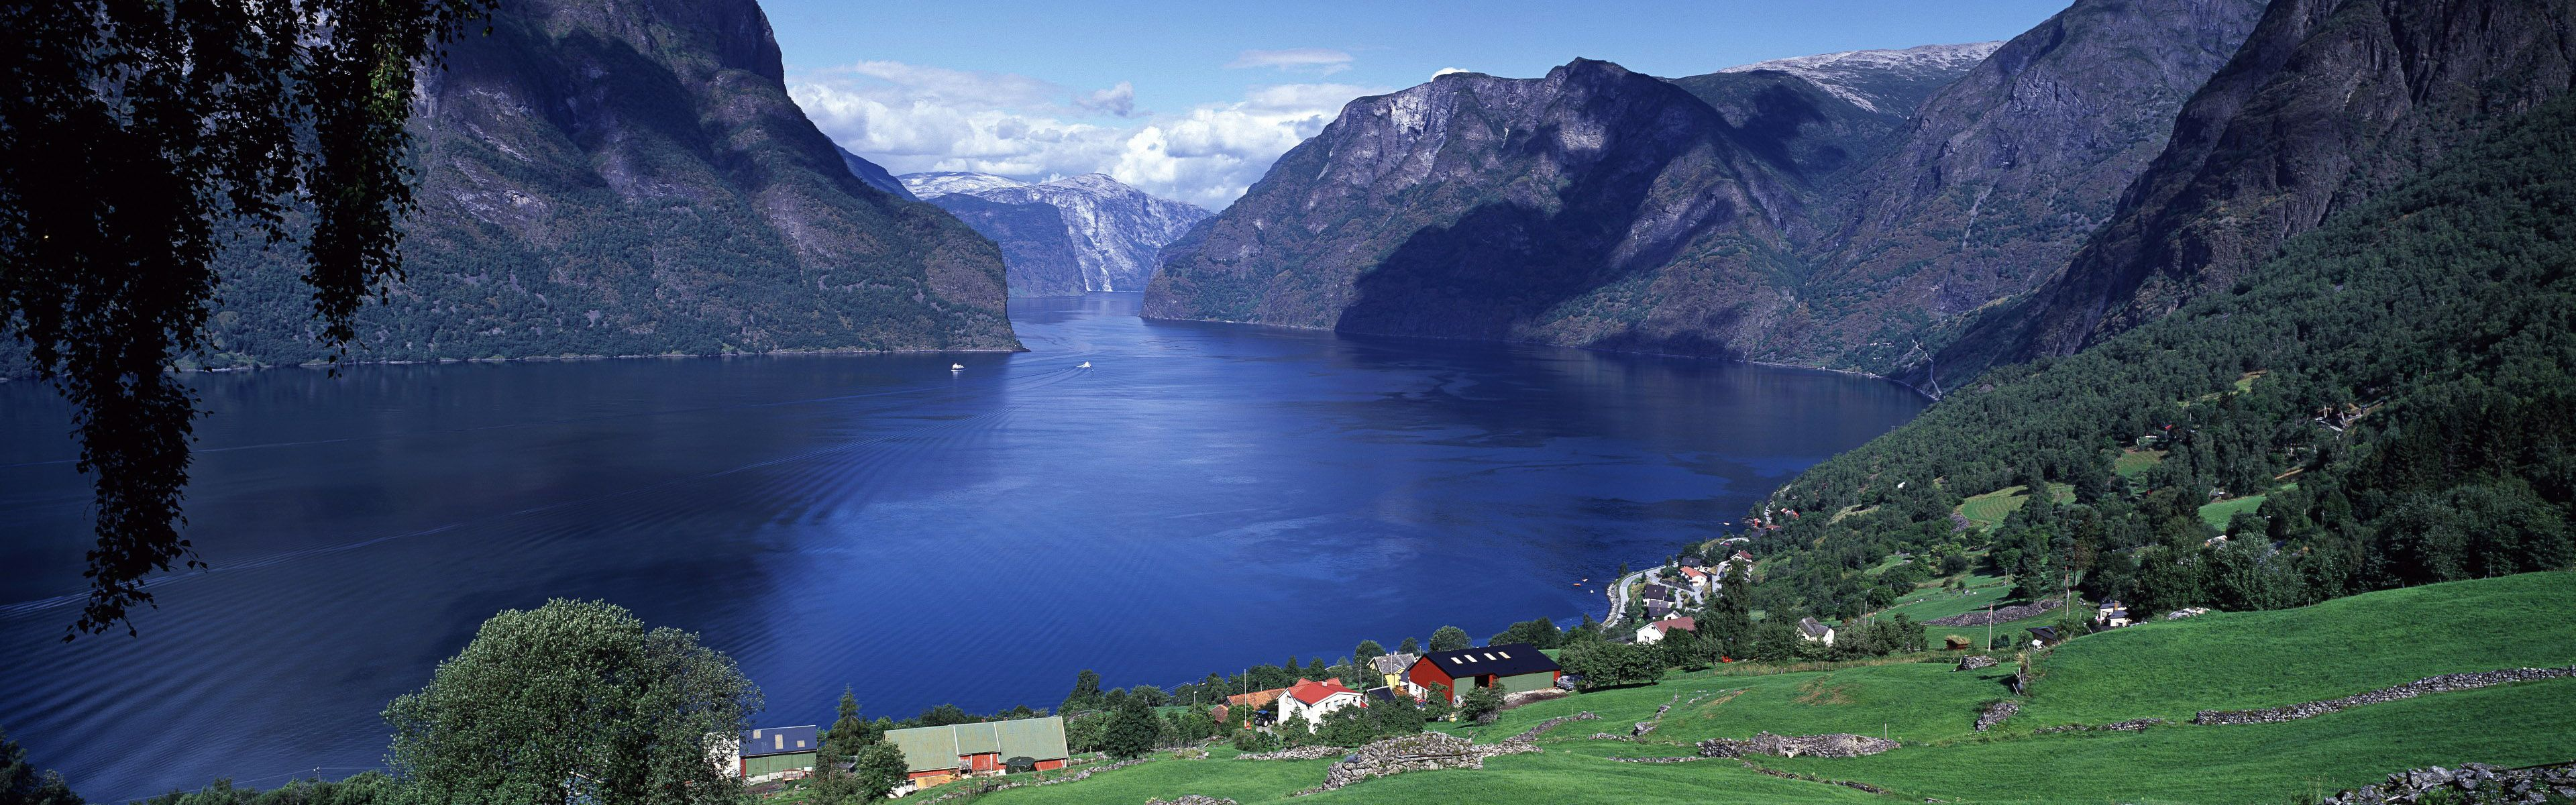 Aurlandsfjord, Sogn og Fjordane county, Norway. Panorama